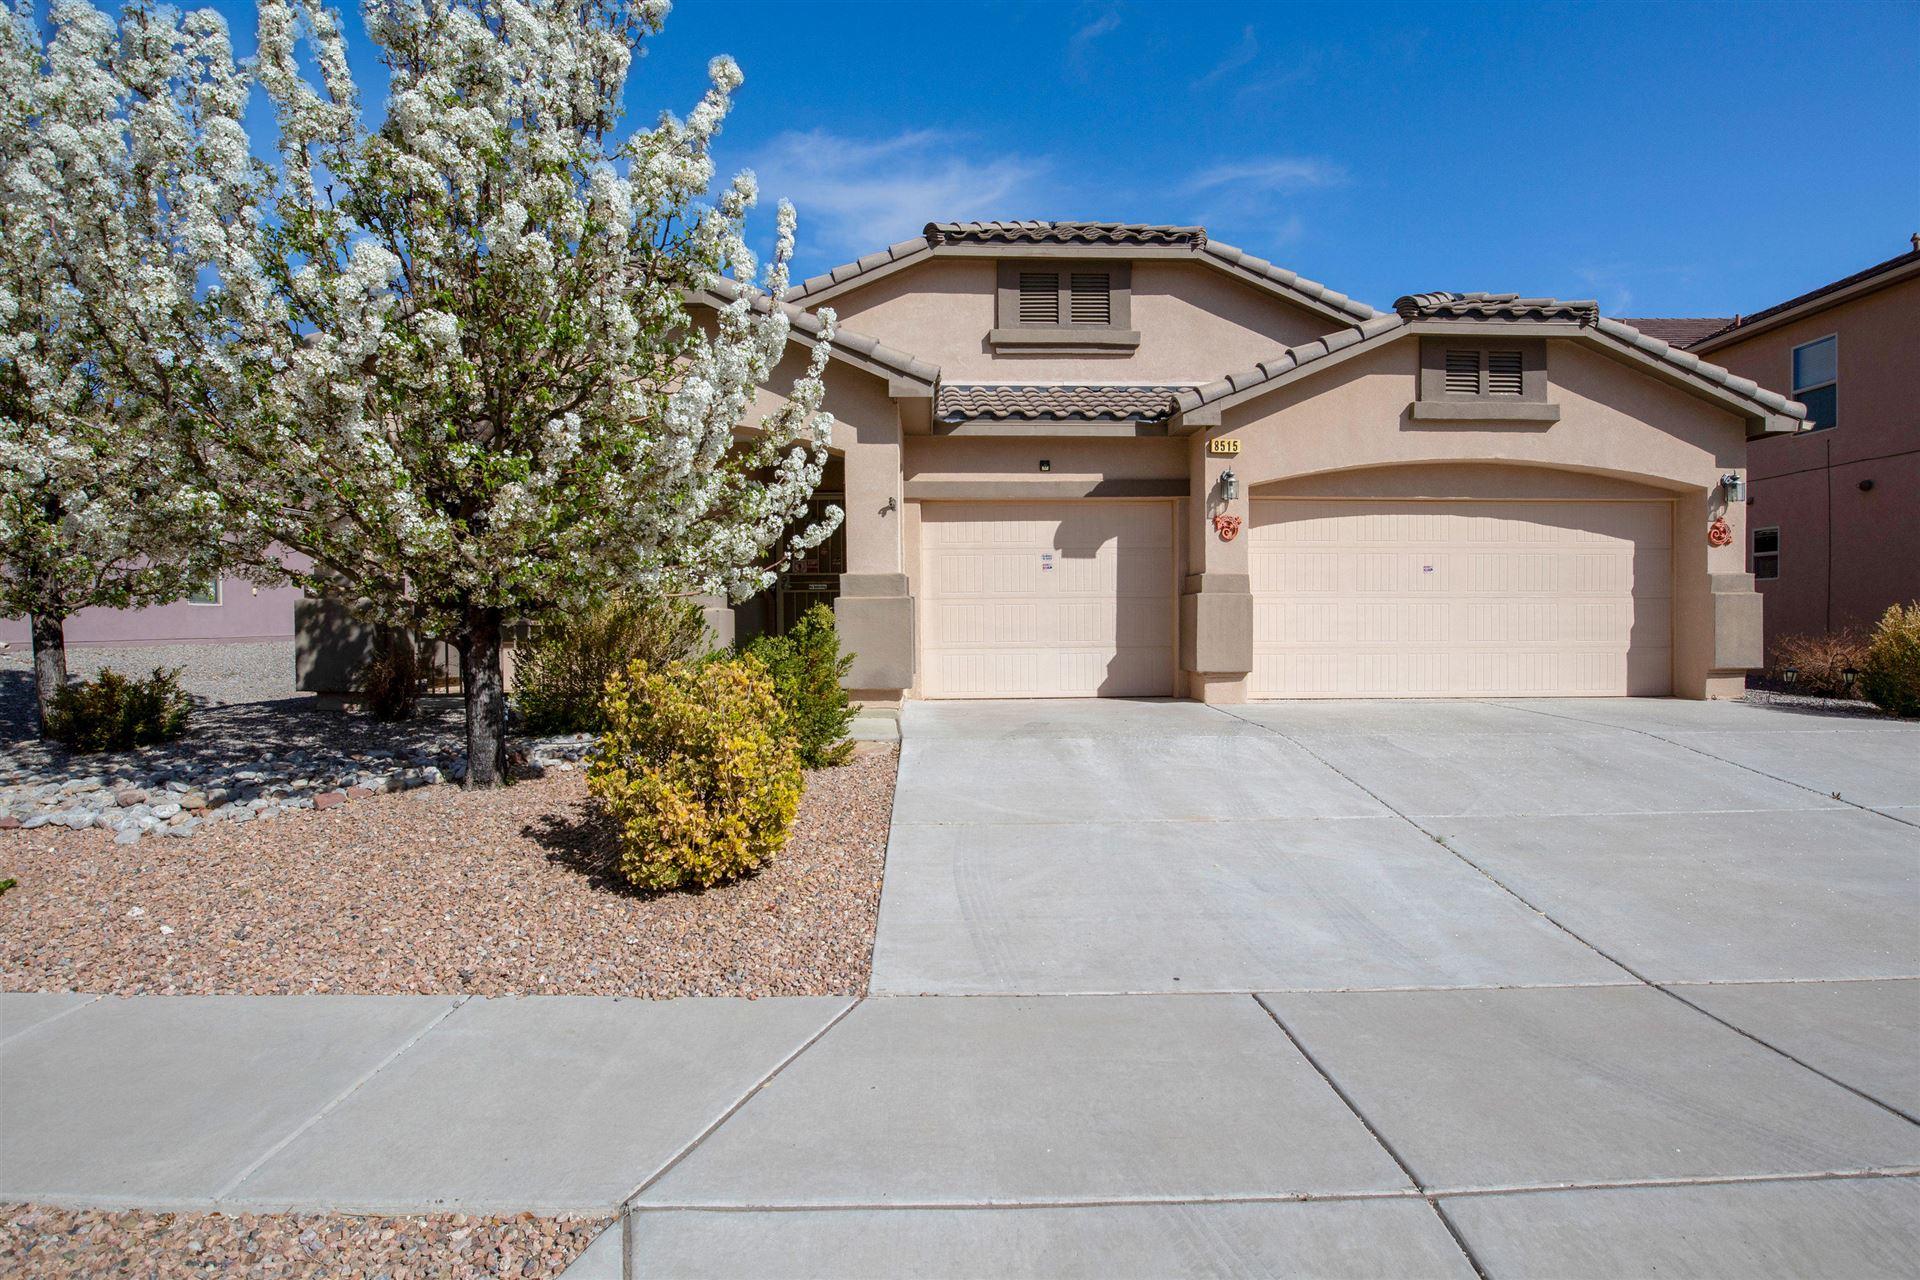 8515 HAWK EYE Road NW, Albuquerque, NM 87120 - #: 989317